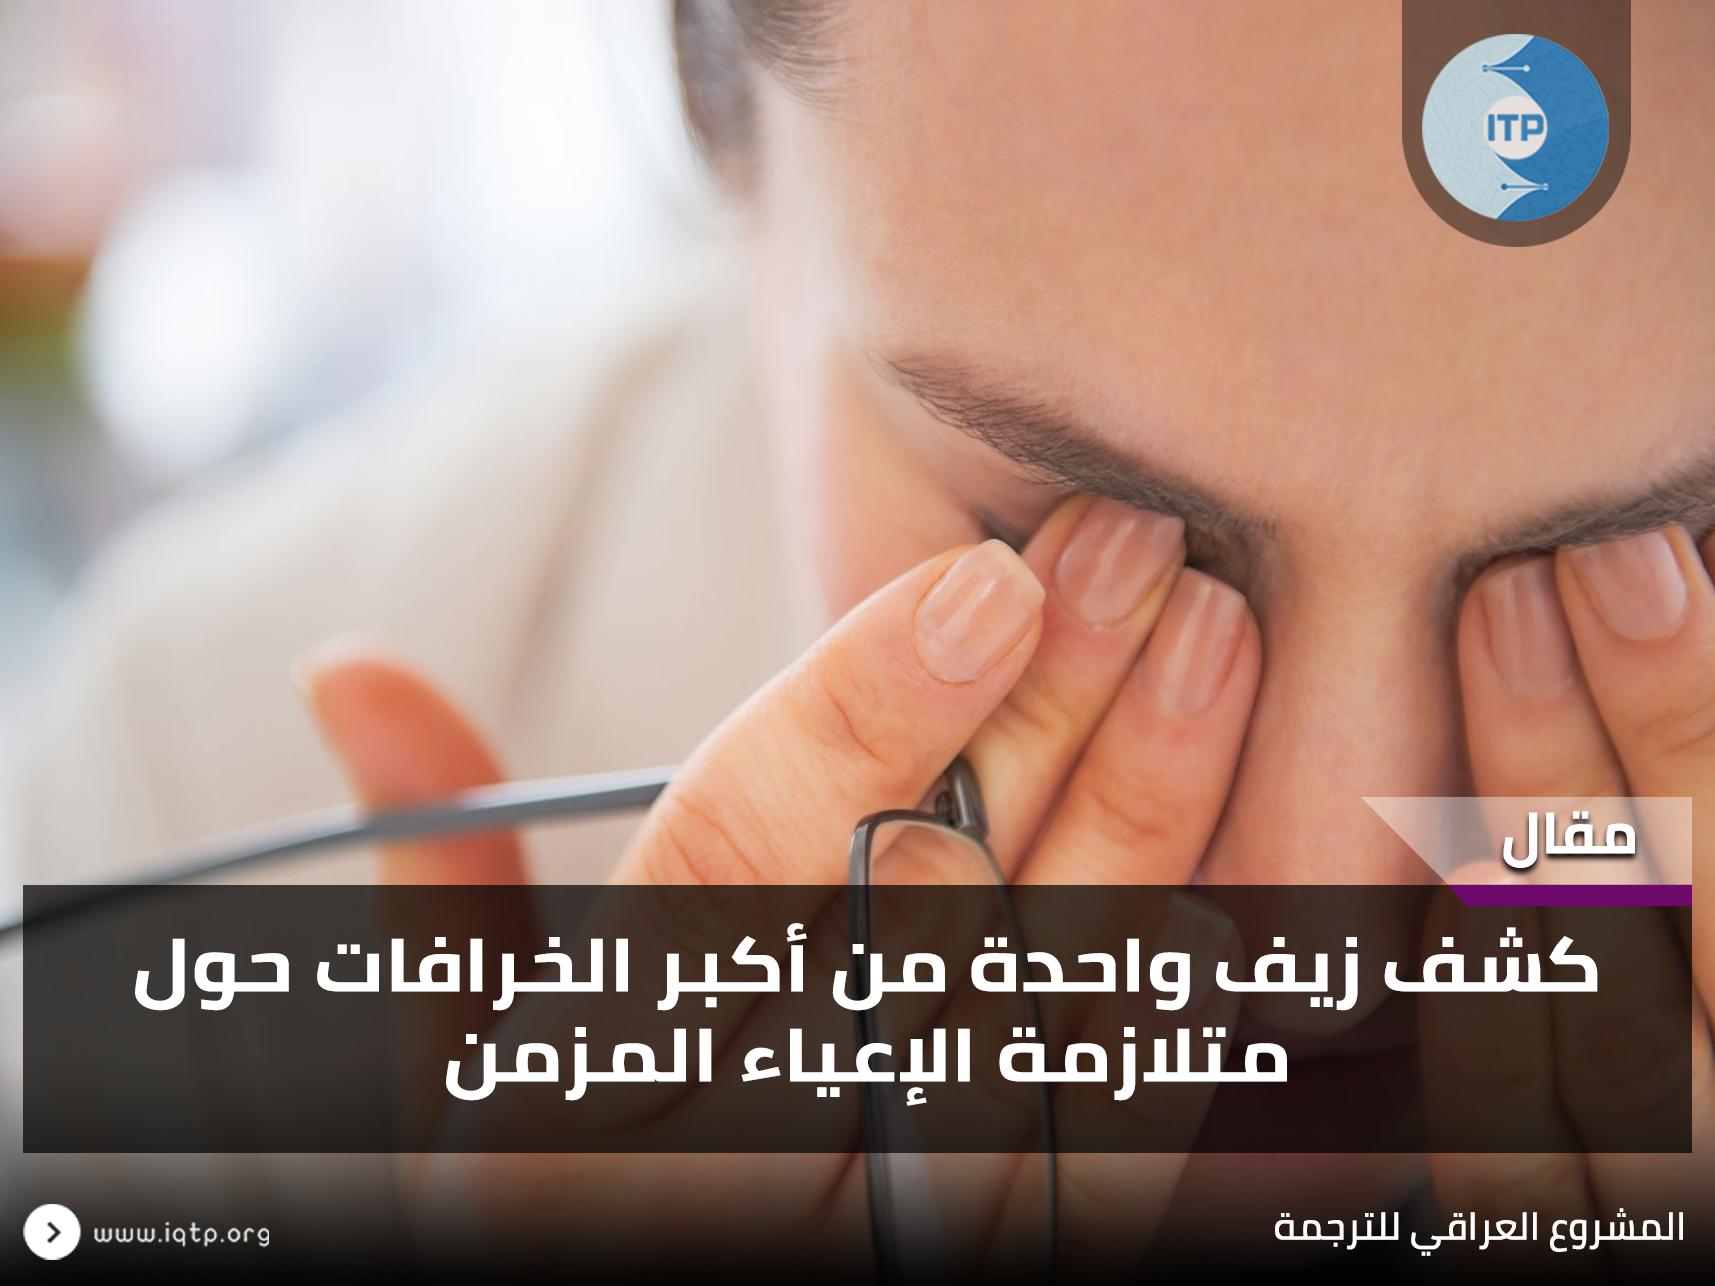 كشف زيف واحدة من أكبر الخرافات حول متلازمة الإعياء المزمن